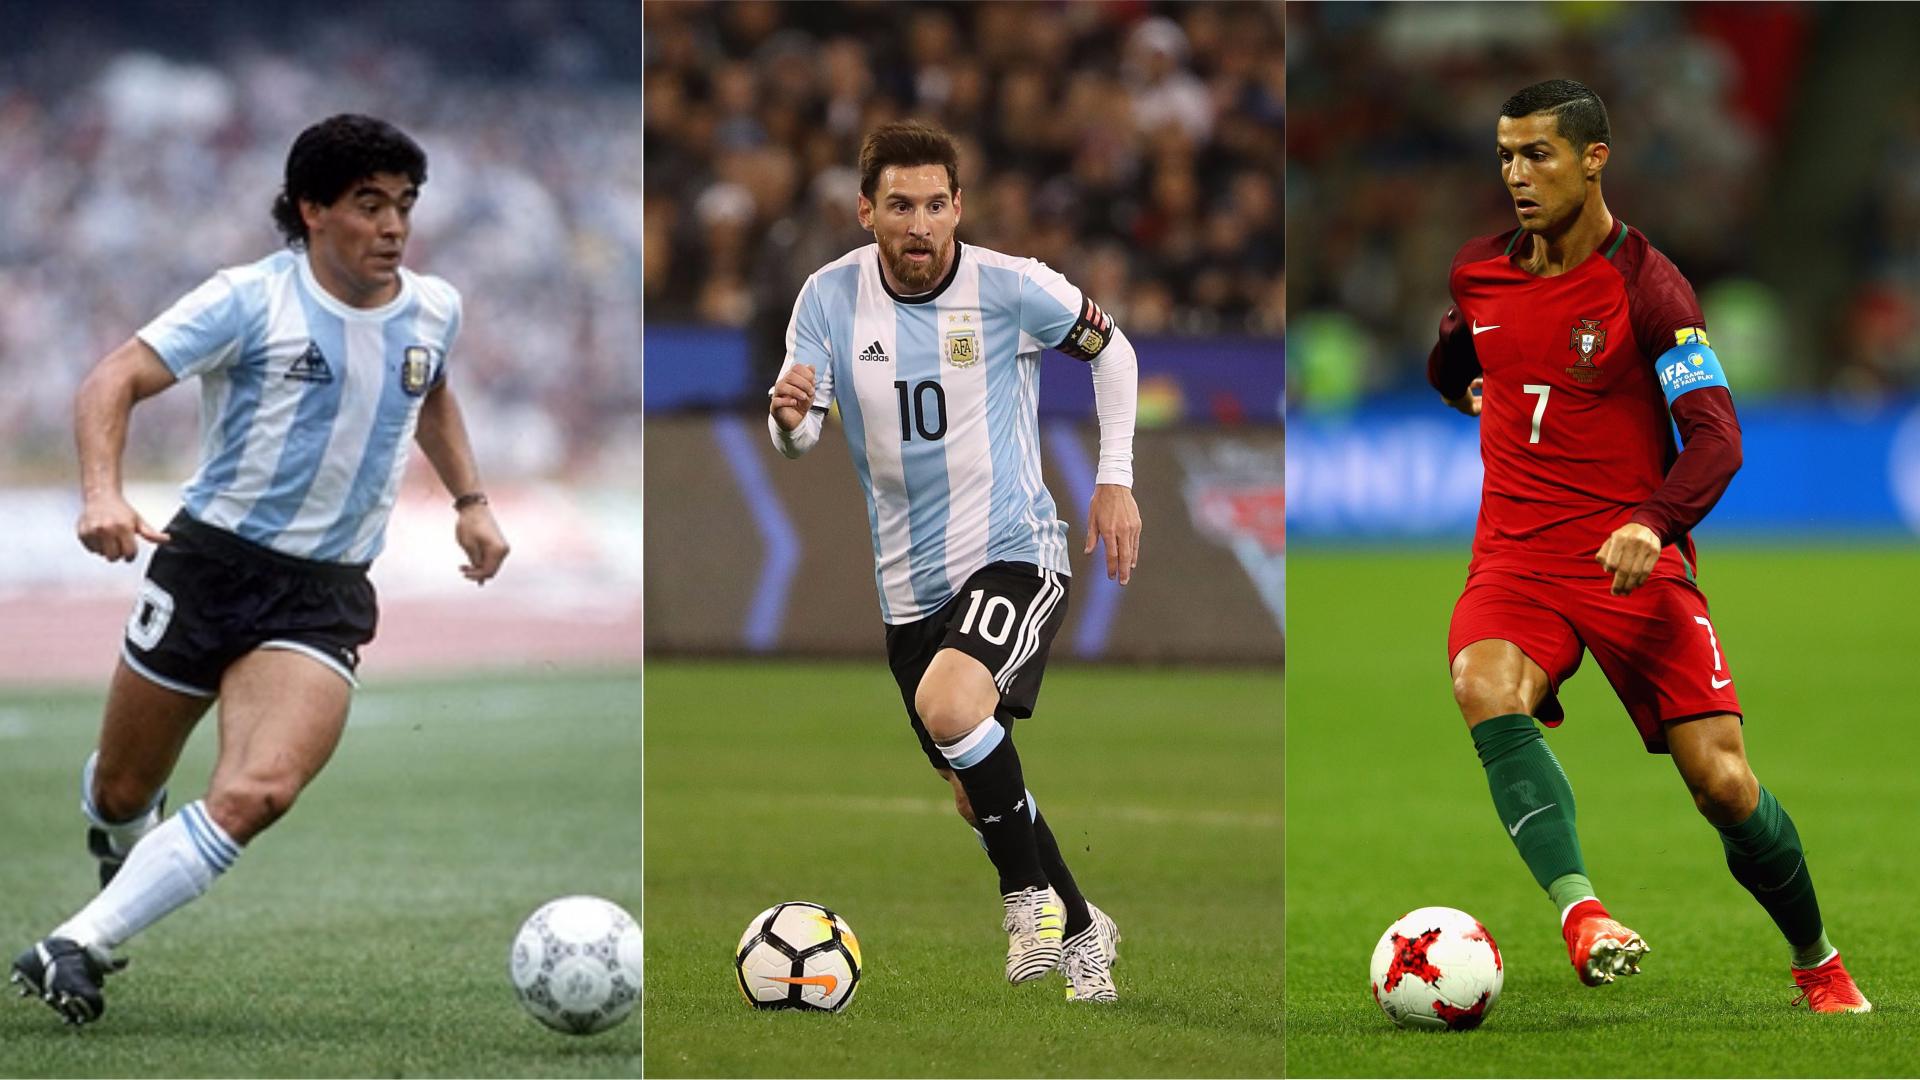 Maradona, el mejor de todos los tiempos: Messi segundo, ¿y Cristiano Ronaldo?  | Goal.com